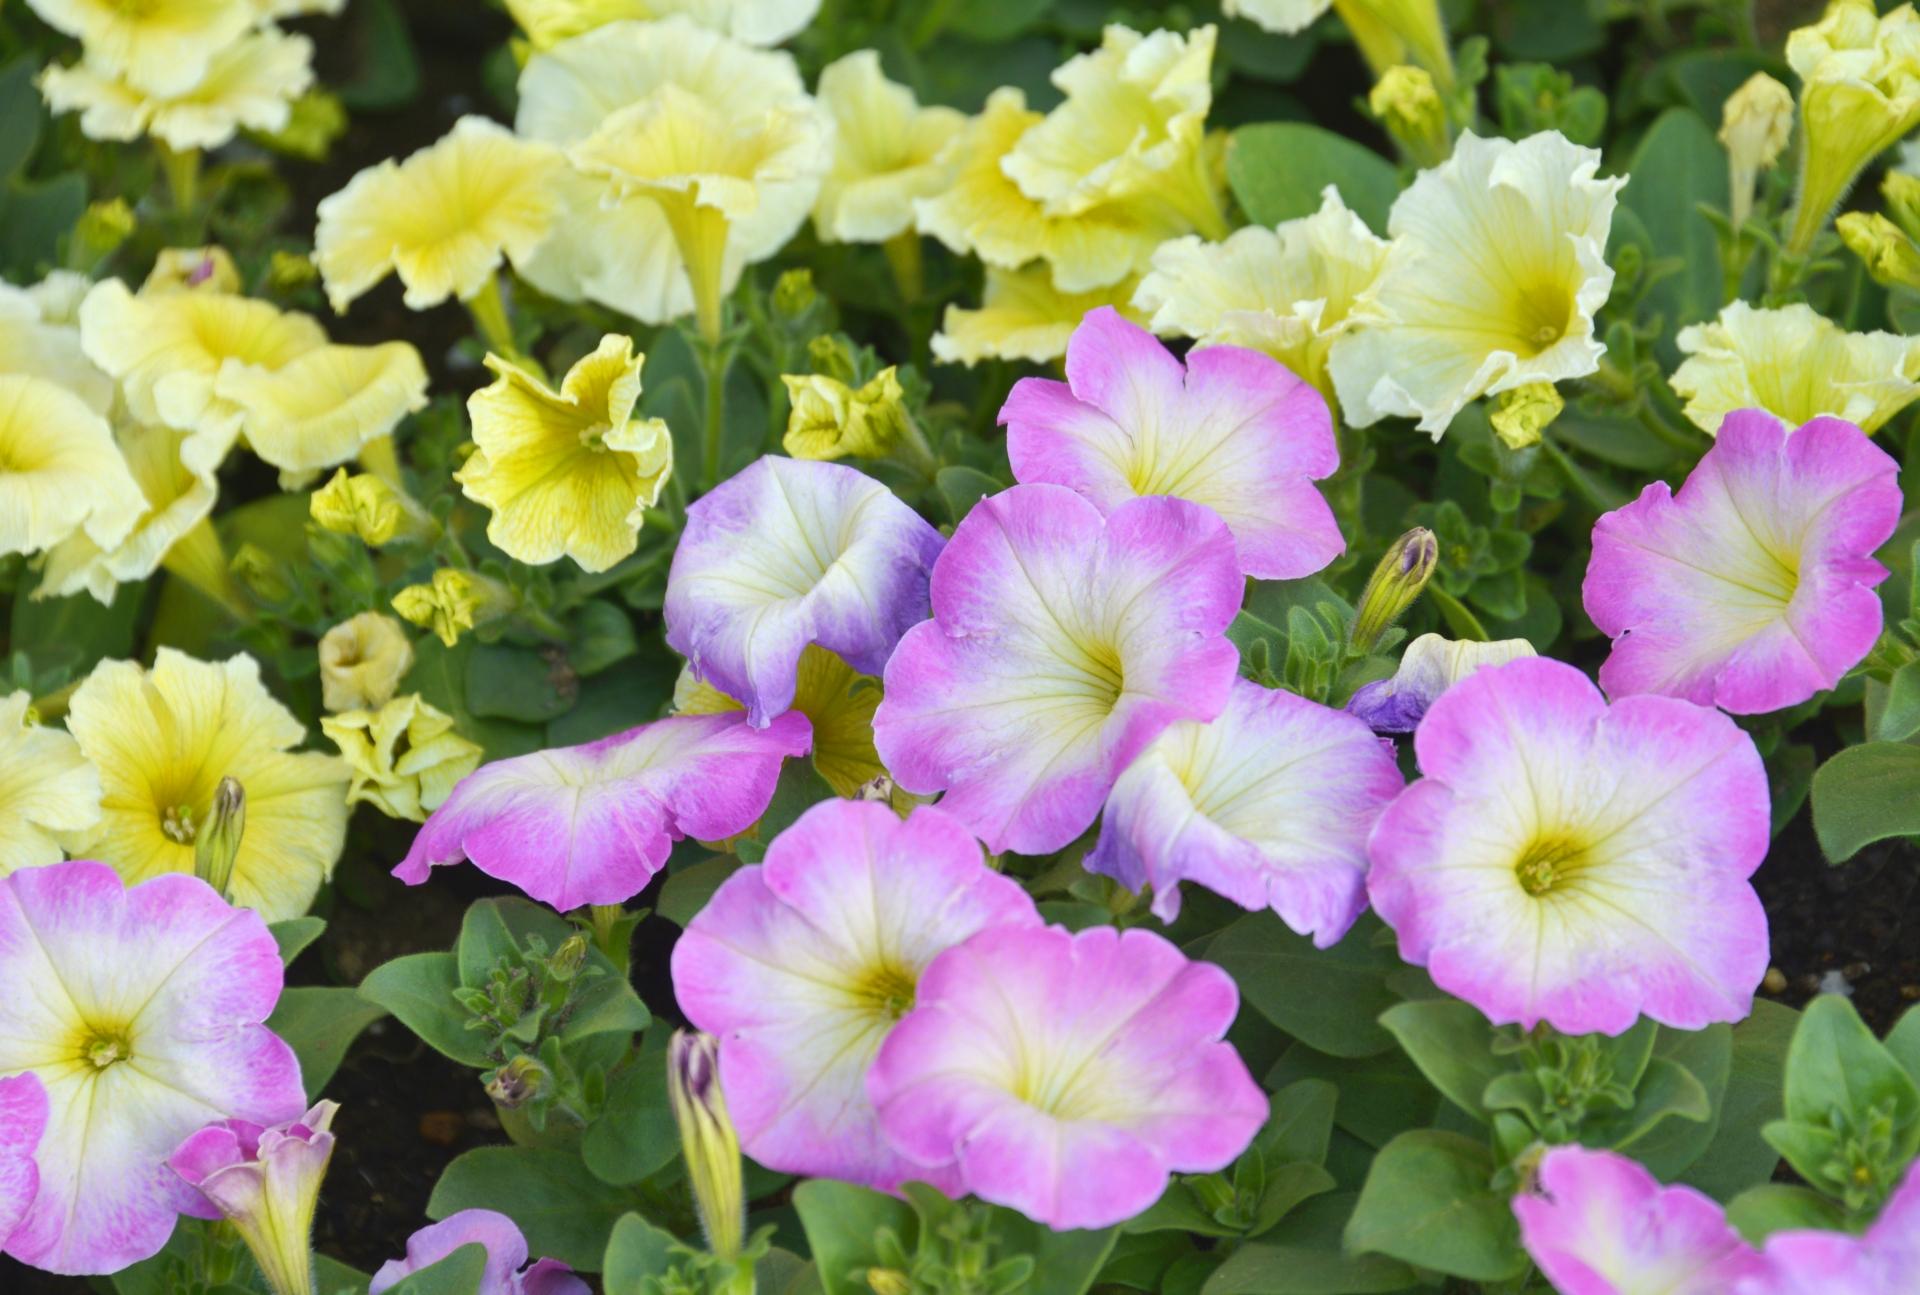 ガーデン用品屋さんの花図鑑 ペチュニア